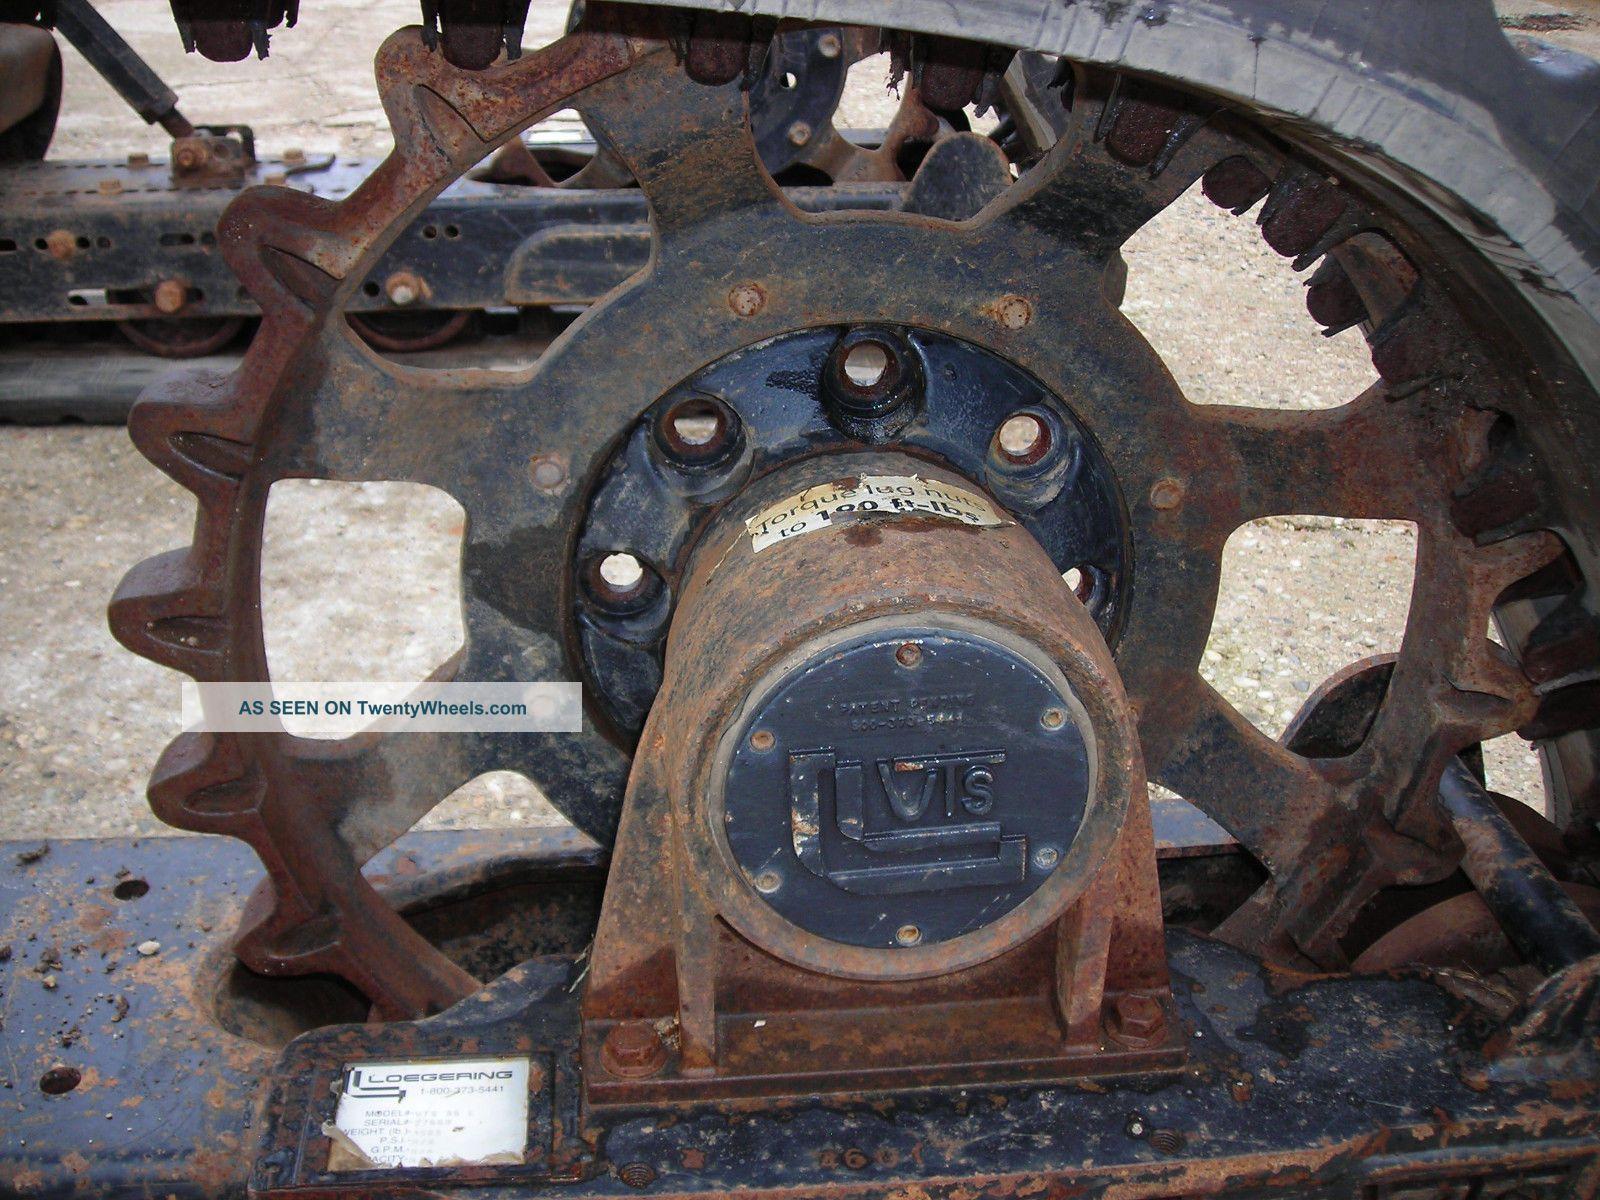 Loegering Vts 56 Track System Skid Steer Loader